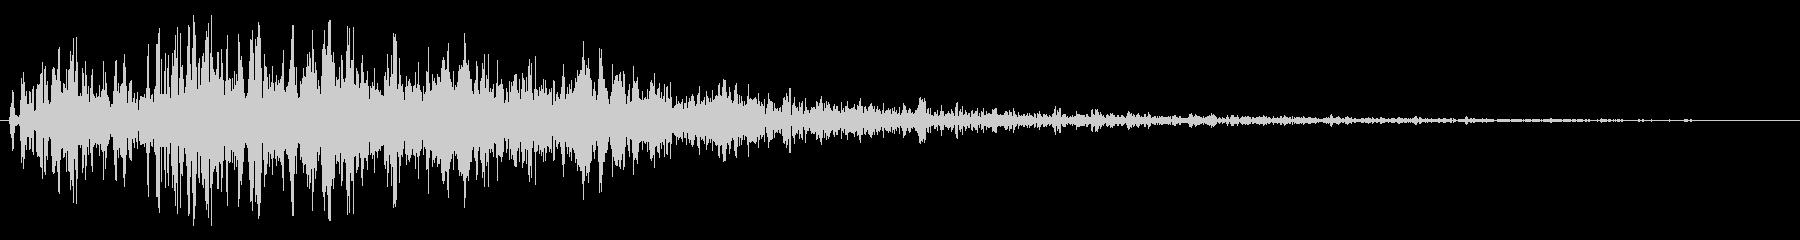 シャシャシャウーンァァ(電子残響音)の未再生の波形